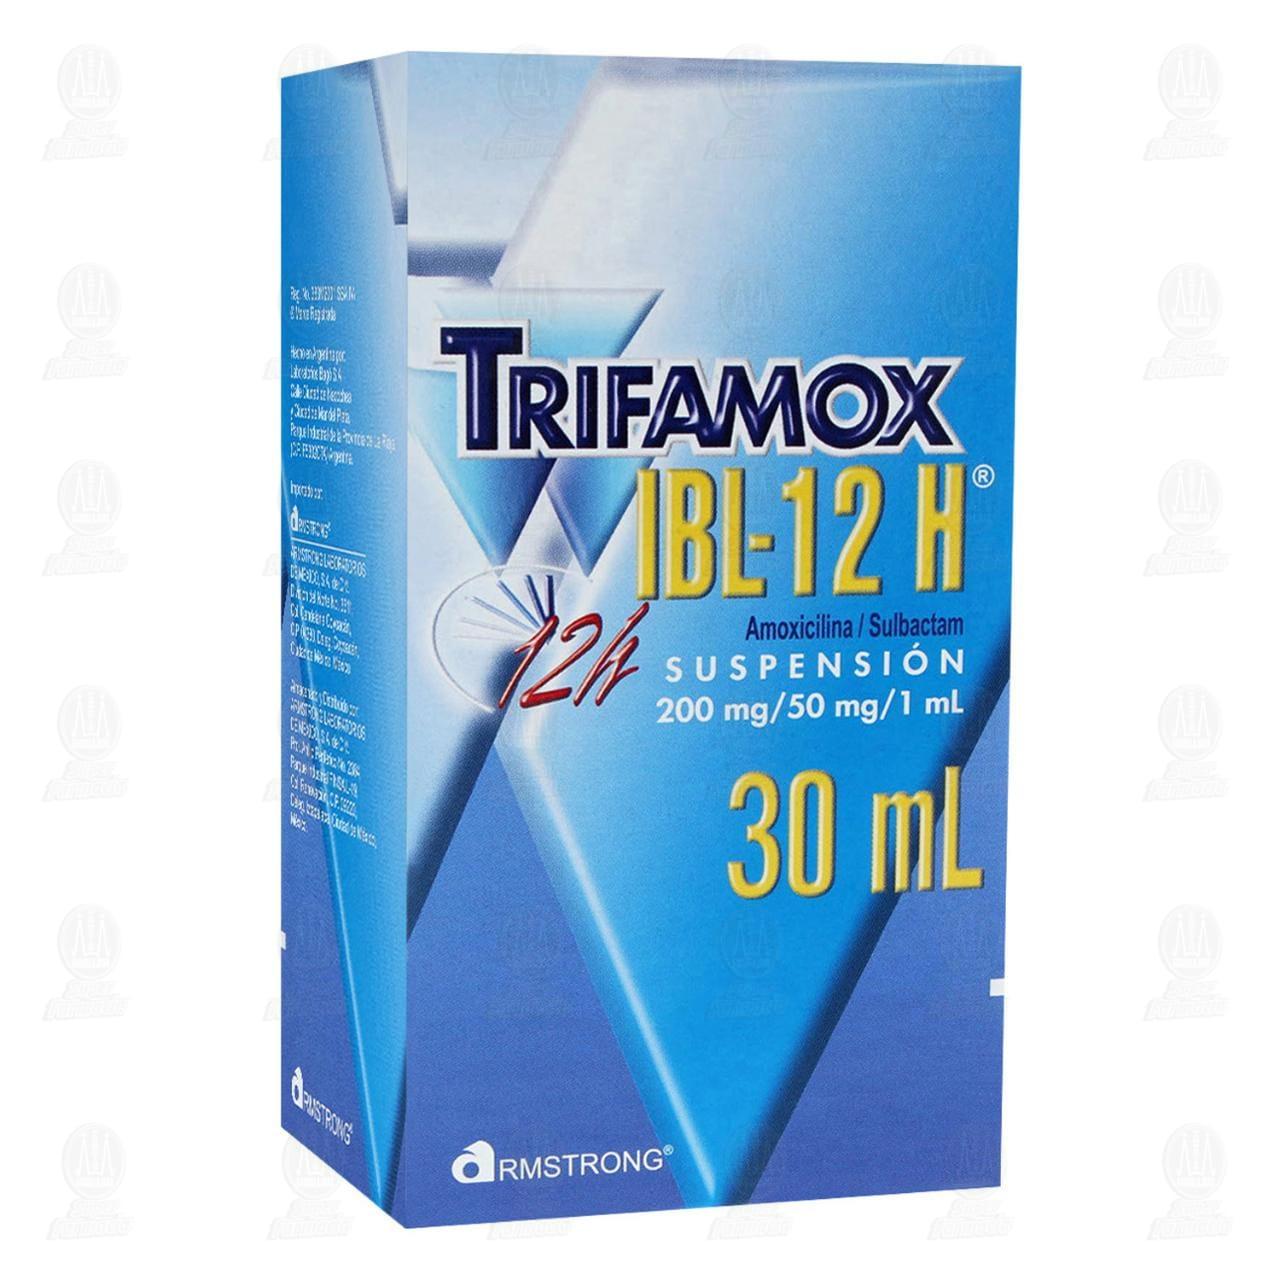 Comprar Trifamox IBL-12 H 30ml Suspensión en Farmacias Guadalajara